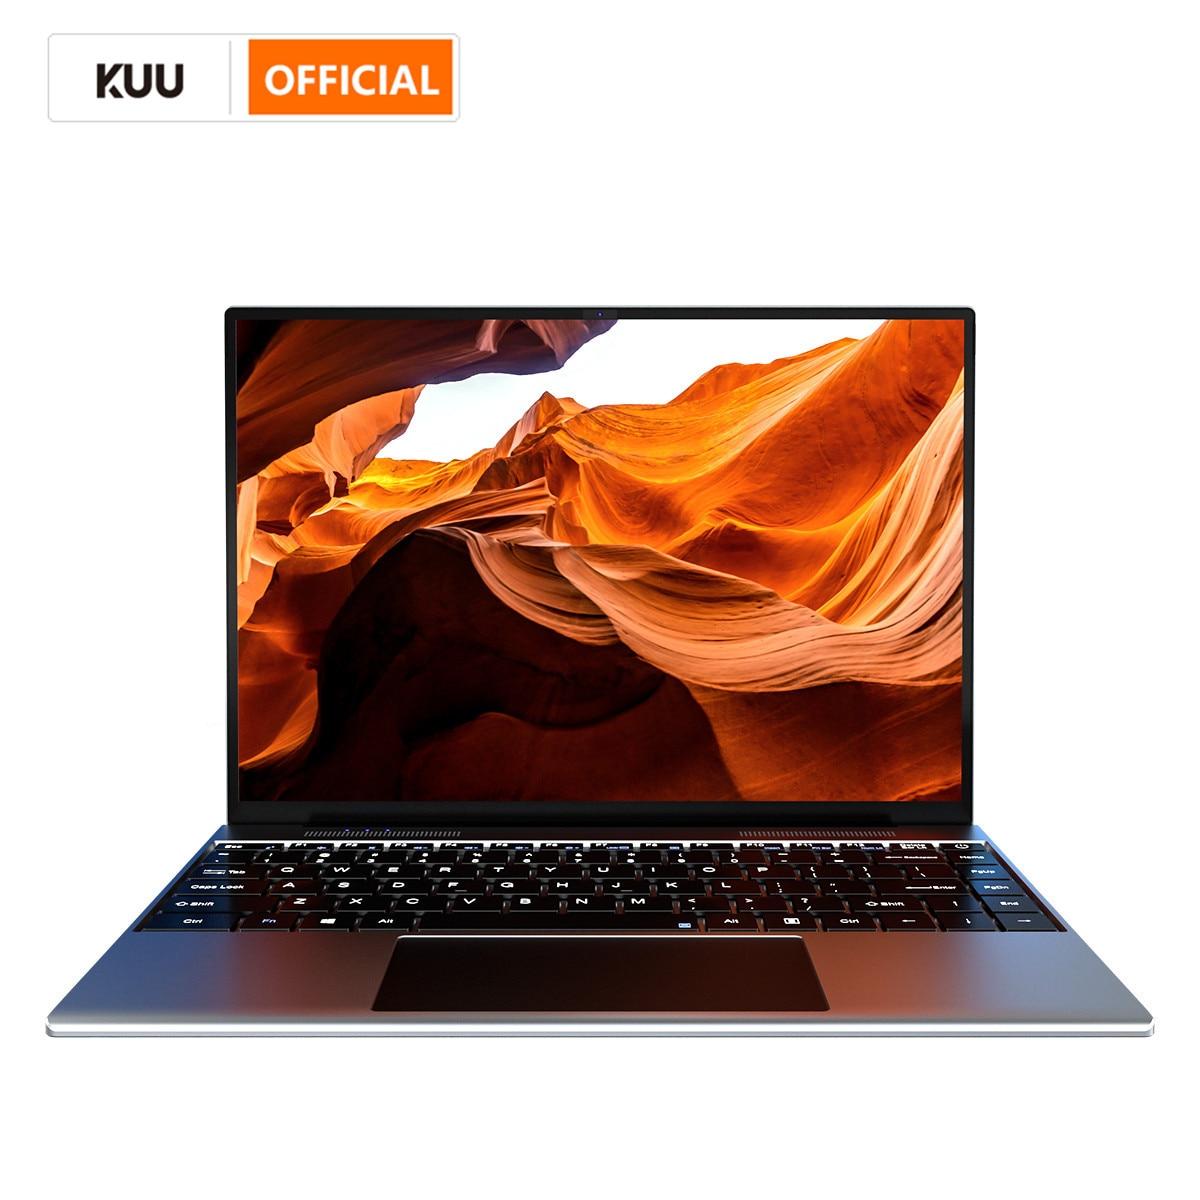 Ноутбук в металлическом корпусе, экран 13,5 дюйма, 3K IPS, Intel Pentium Quad Core, блокировка отпечатком пальца, подсветка, Windows 10, ноутбук для студентов кла...